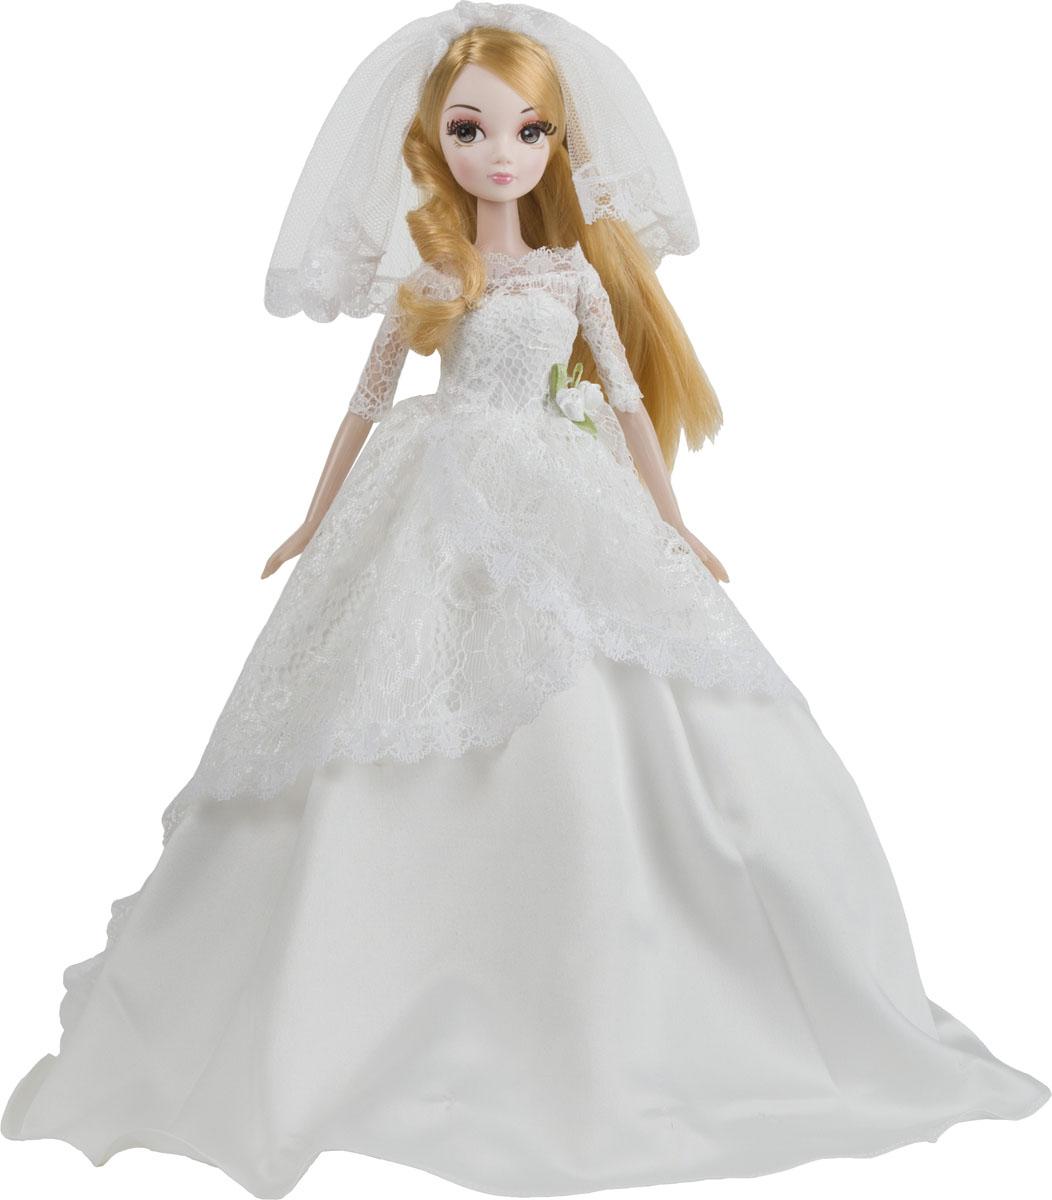 Sonya Rose Кукла Gold Collection Нежное кружевоR4322NОбворожительная кукла в платье невесты. Кукла одета в роскошное платье невесты. Платье куклы Sonya Rose выполнено в традиционно белом цвете и состоит из двух слоев. Первый слой – это длинное платье в пол, выполненное из белого атласа, без бретелей и рукавов. Второй слой – это кружево, которое покрывает грудь и плечи куклы и доходит до середины длины первого слоя. Голову невесты от Sonya Rose покрывает короткая кружевная фата. Пояс платья сбоку находится украшение в виде белых роз с зелеными лепестками. Волосы куклы отличаются золотистым цветом и выглядят шикарно. Волосы распущены, их длина доходит до талии невесты, хотя девочка всегда сможет самостоятельно продумать и другую прическу для своей подружки, так как волосы легко расчесываются и заплетаются. Большие глаза куклы окружены густыми ресницами, что придает кукле очаровательный вид. В процессе игры с куклами девочка будет учиться общению, она узнает, что...